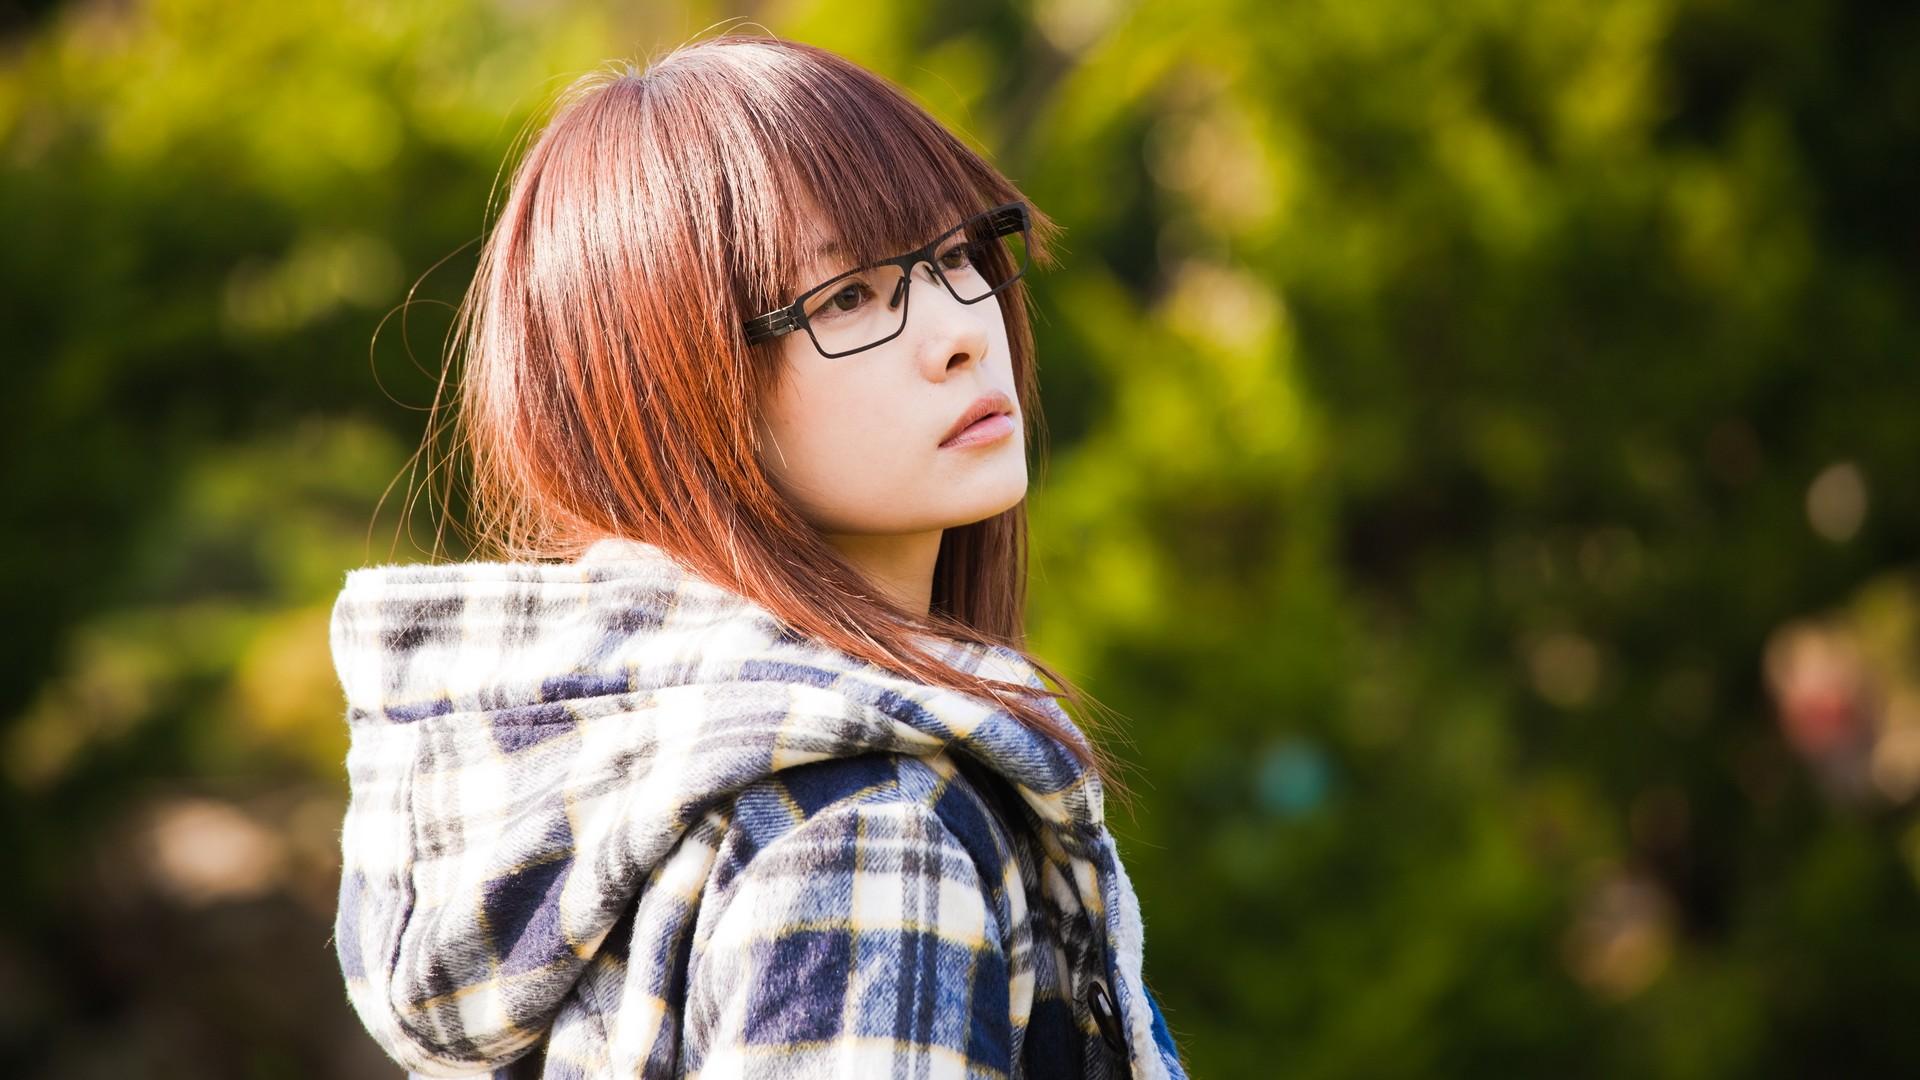 Фото японка в очках 6 фотография